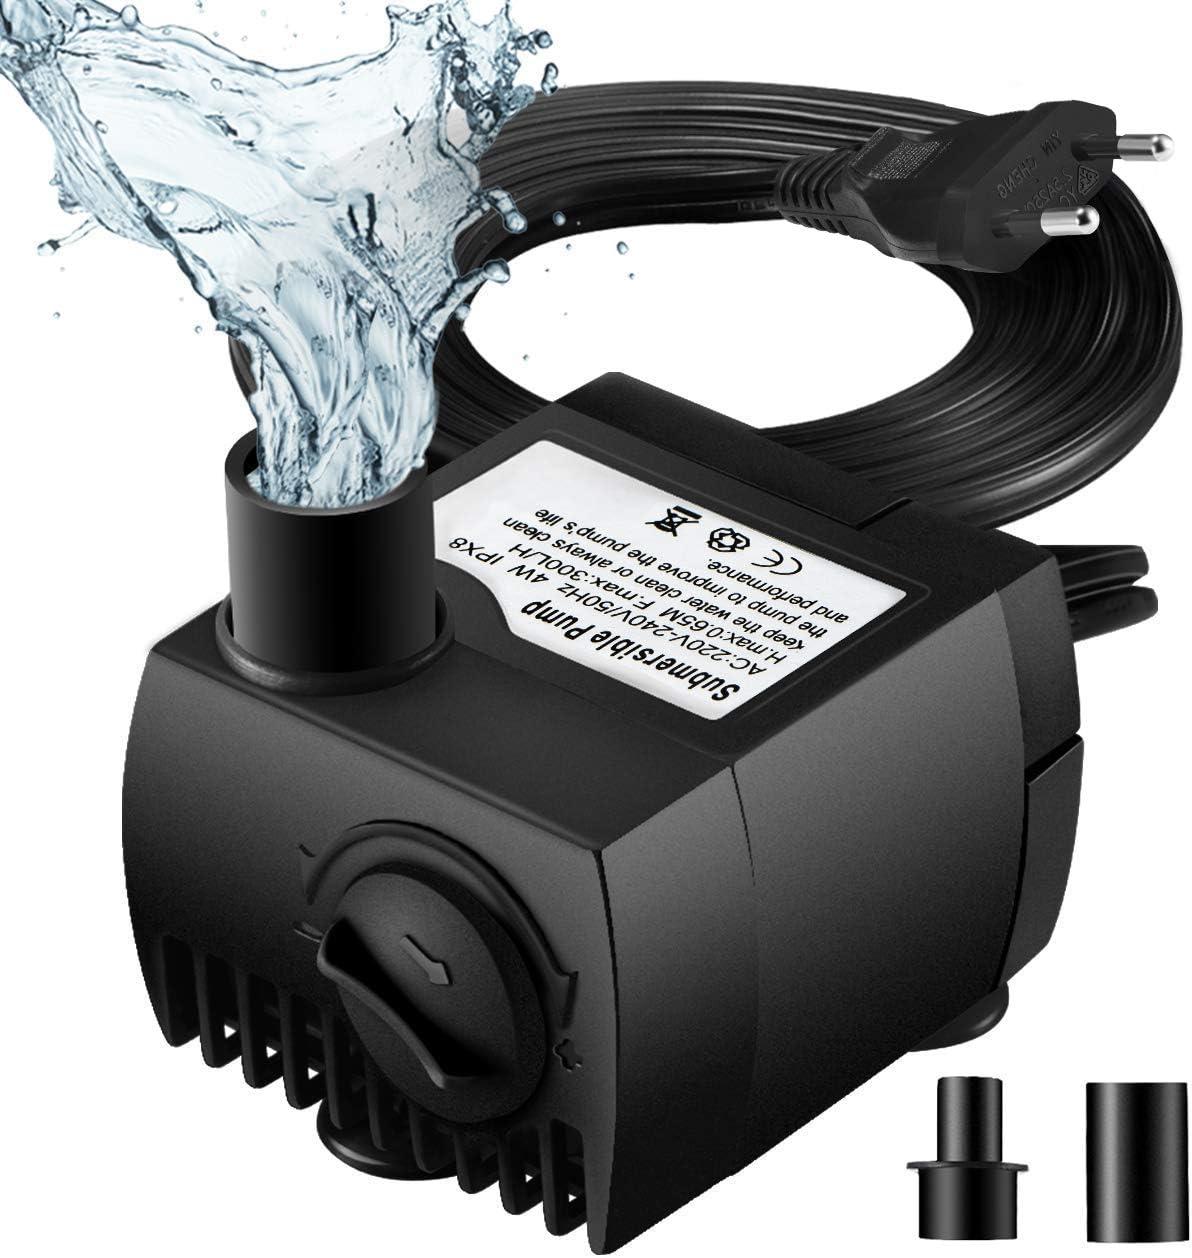 OMORC Mini Bomba de Agua, Ultra Silencioso 300L/H, 48 Horas de Combustión en Seco, Bomba Sumergible 4W, Bomba de Circulación para Pecera Acuario Jardín, Estanque, Fuente, 1.7M Cable y 2 Boquillas